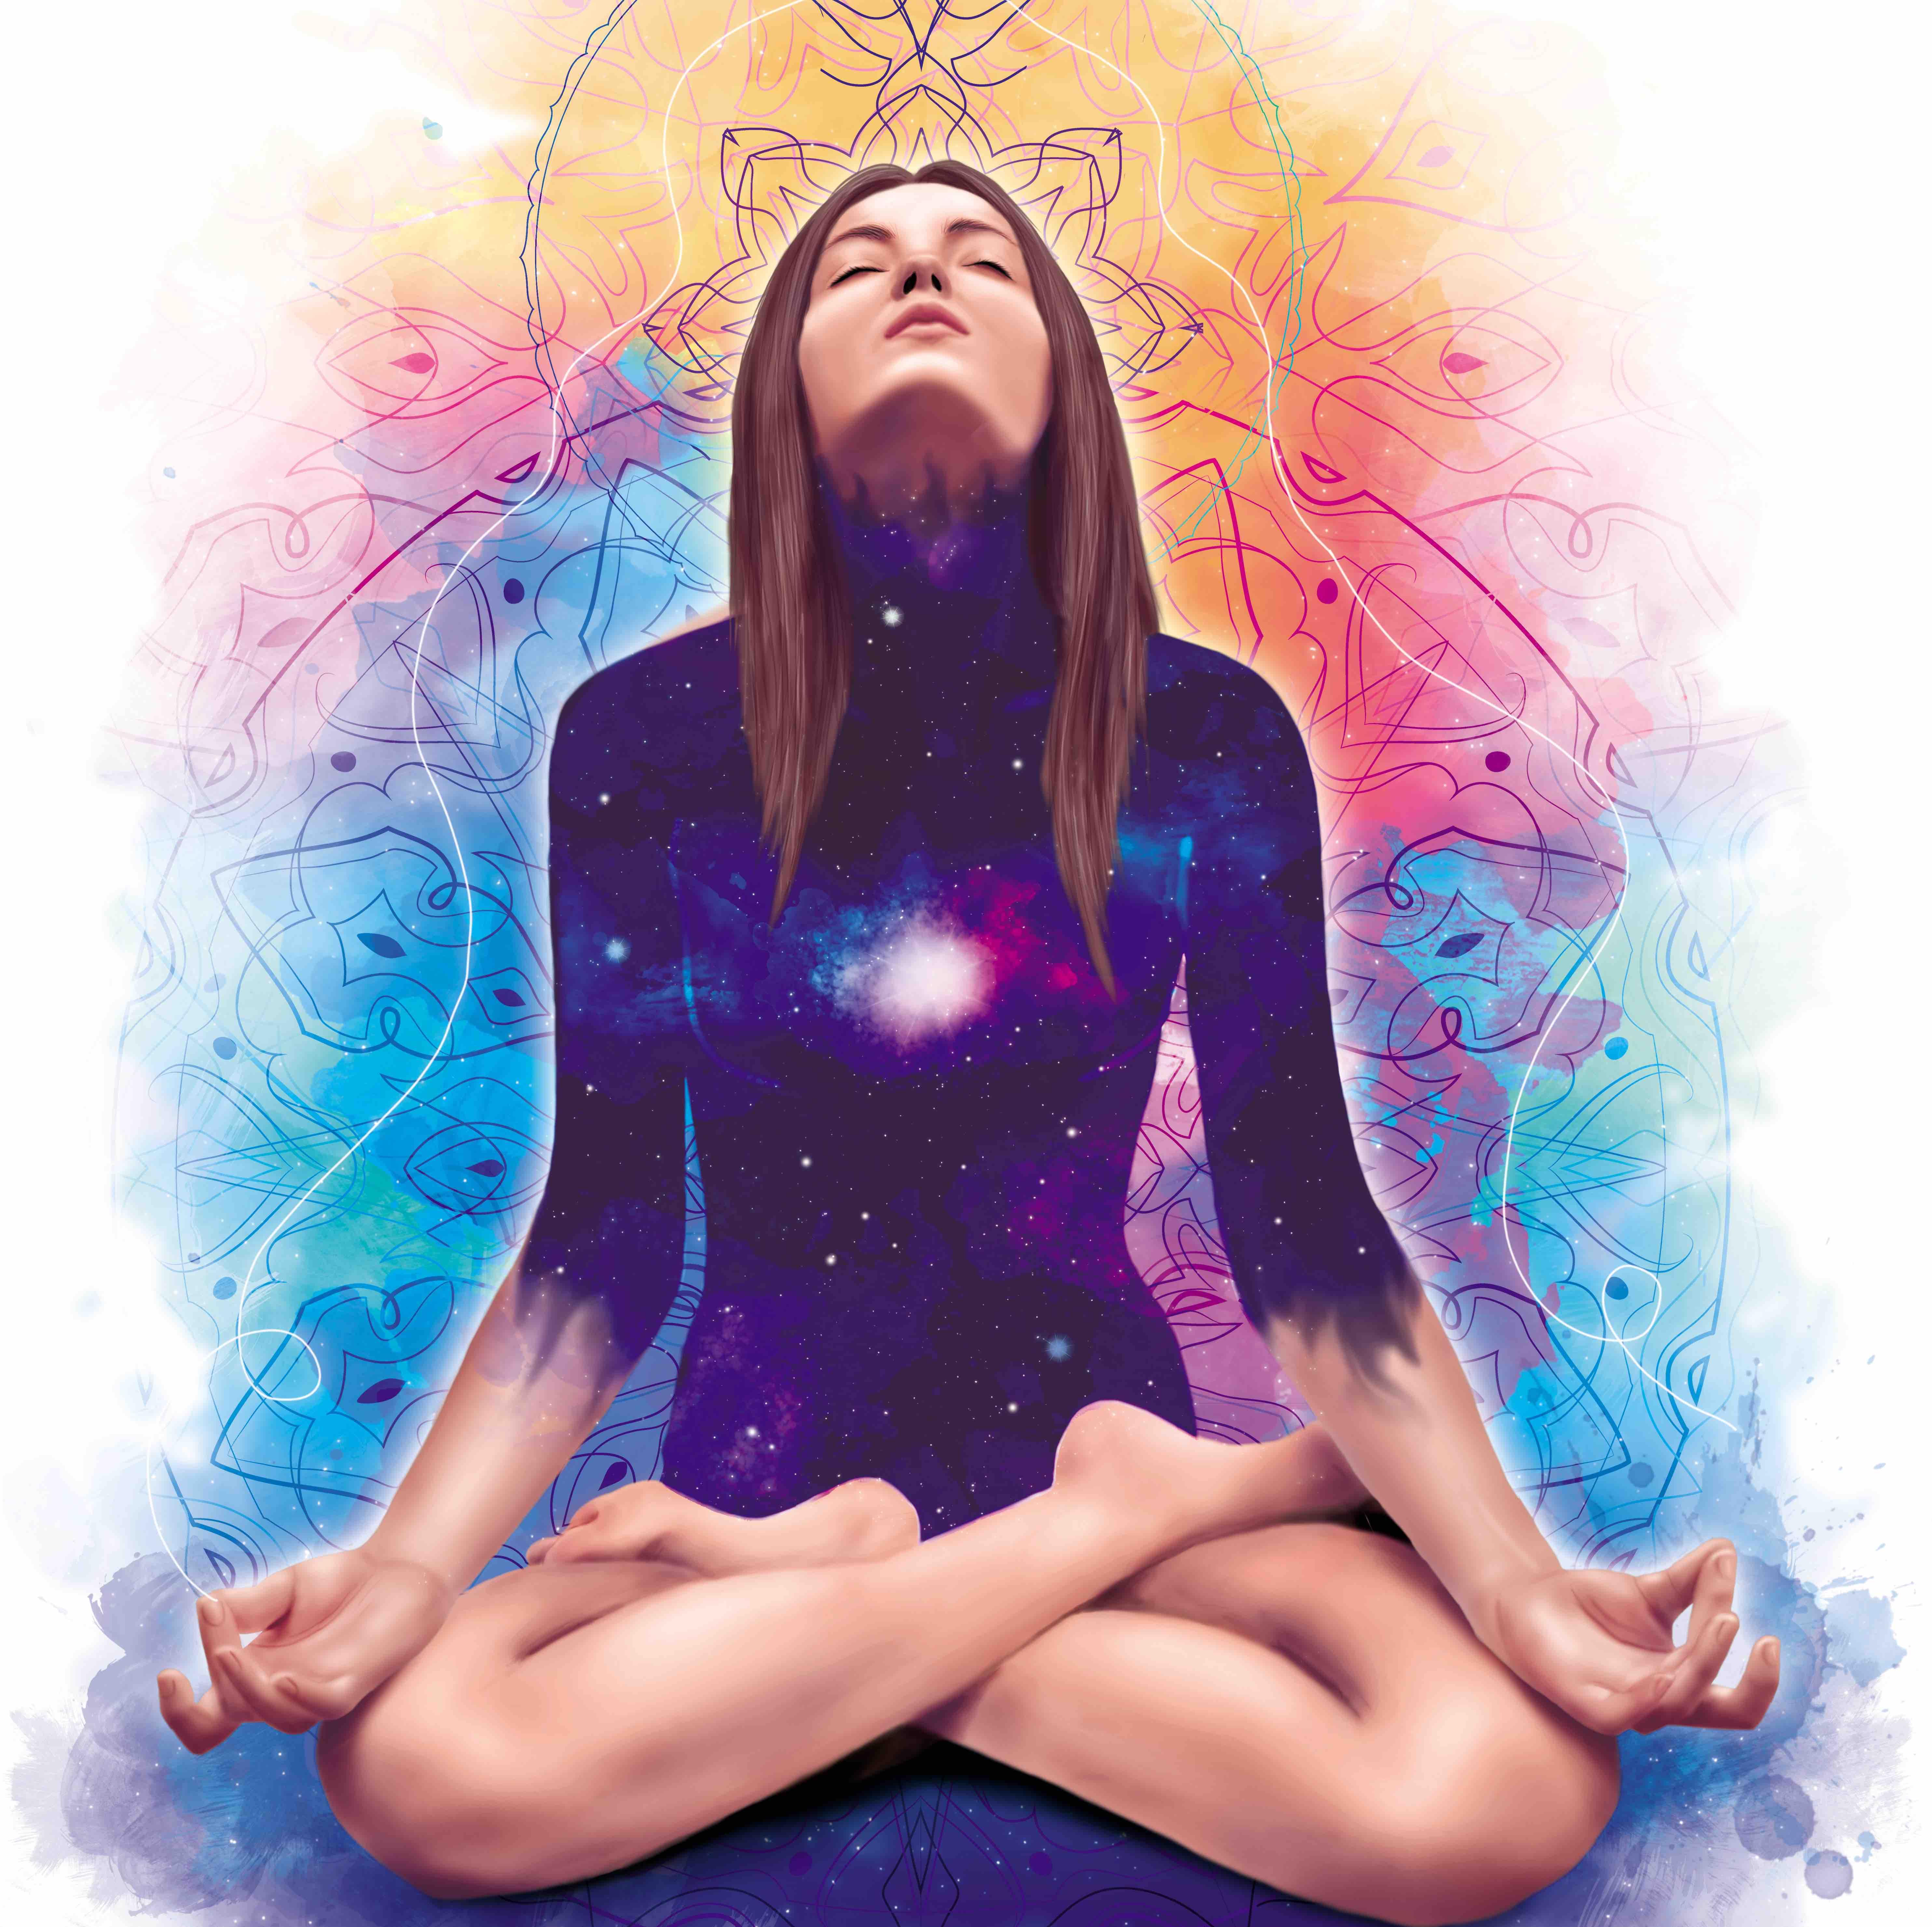 medytacja, porządki w duszy